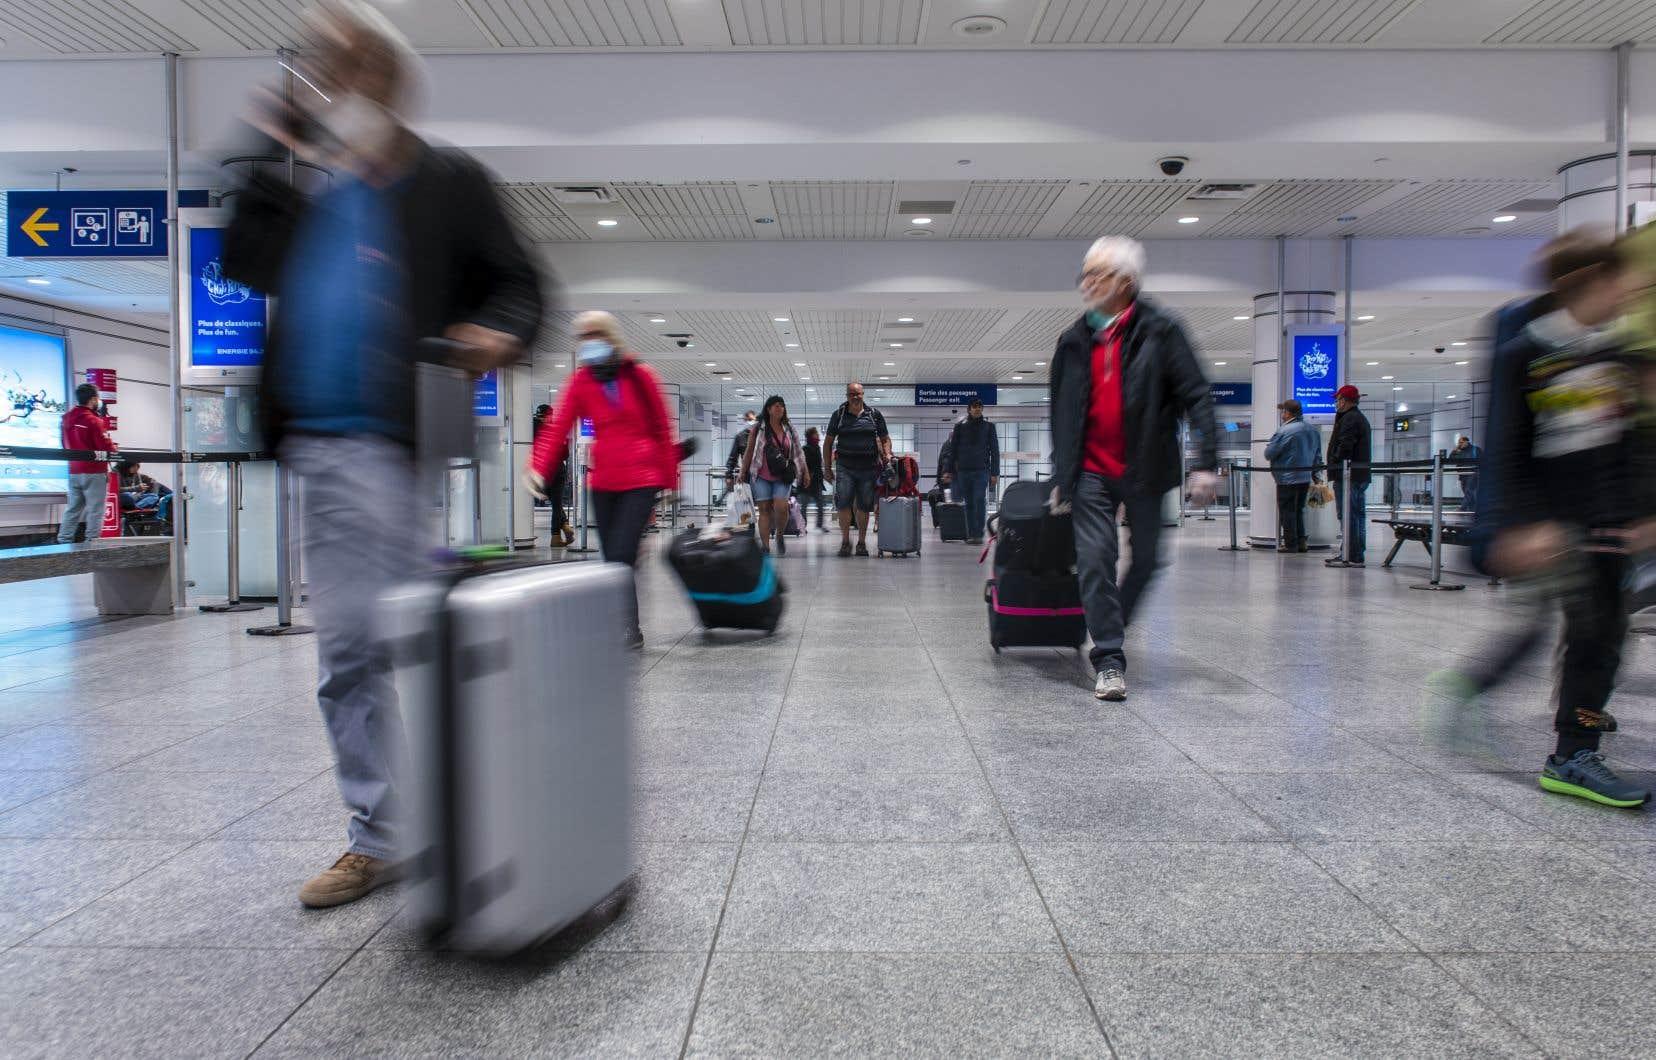 Le secteur du transport aérien réclame une harmonisation des règles sanitaires dans l'espoir d'enrayer la propagation de l'épidémie.